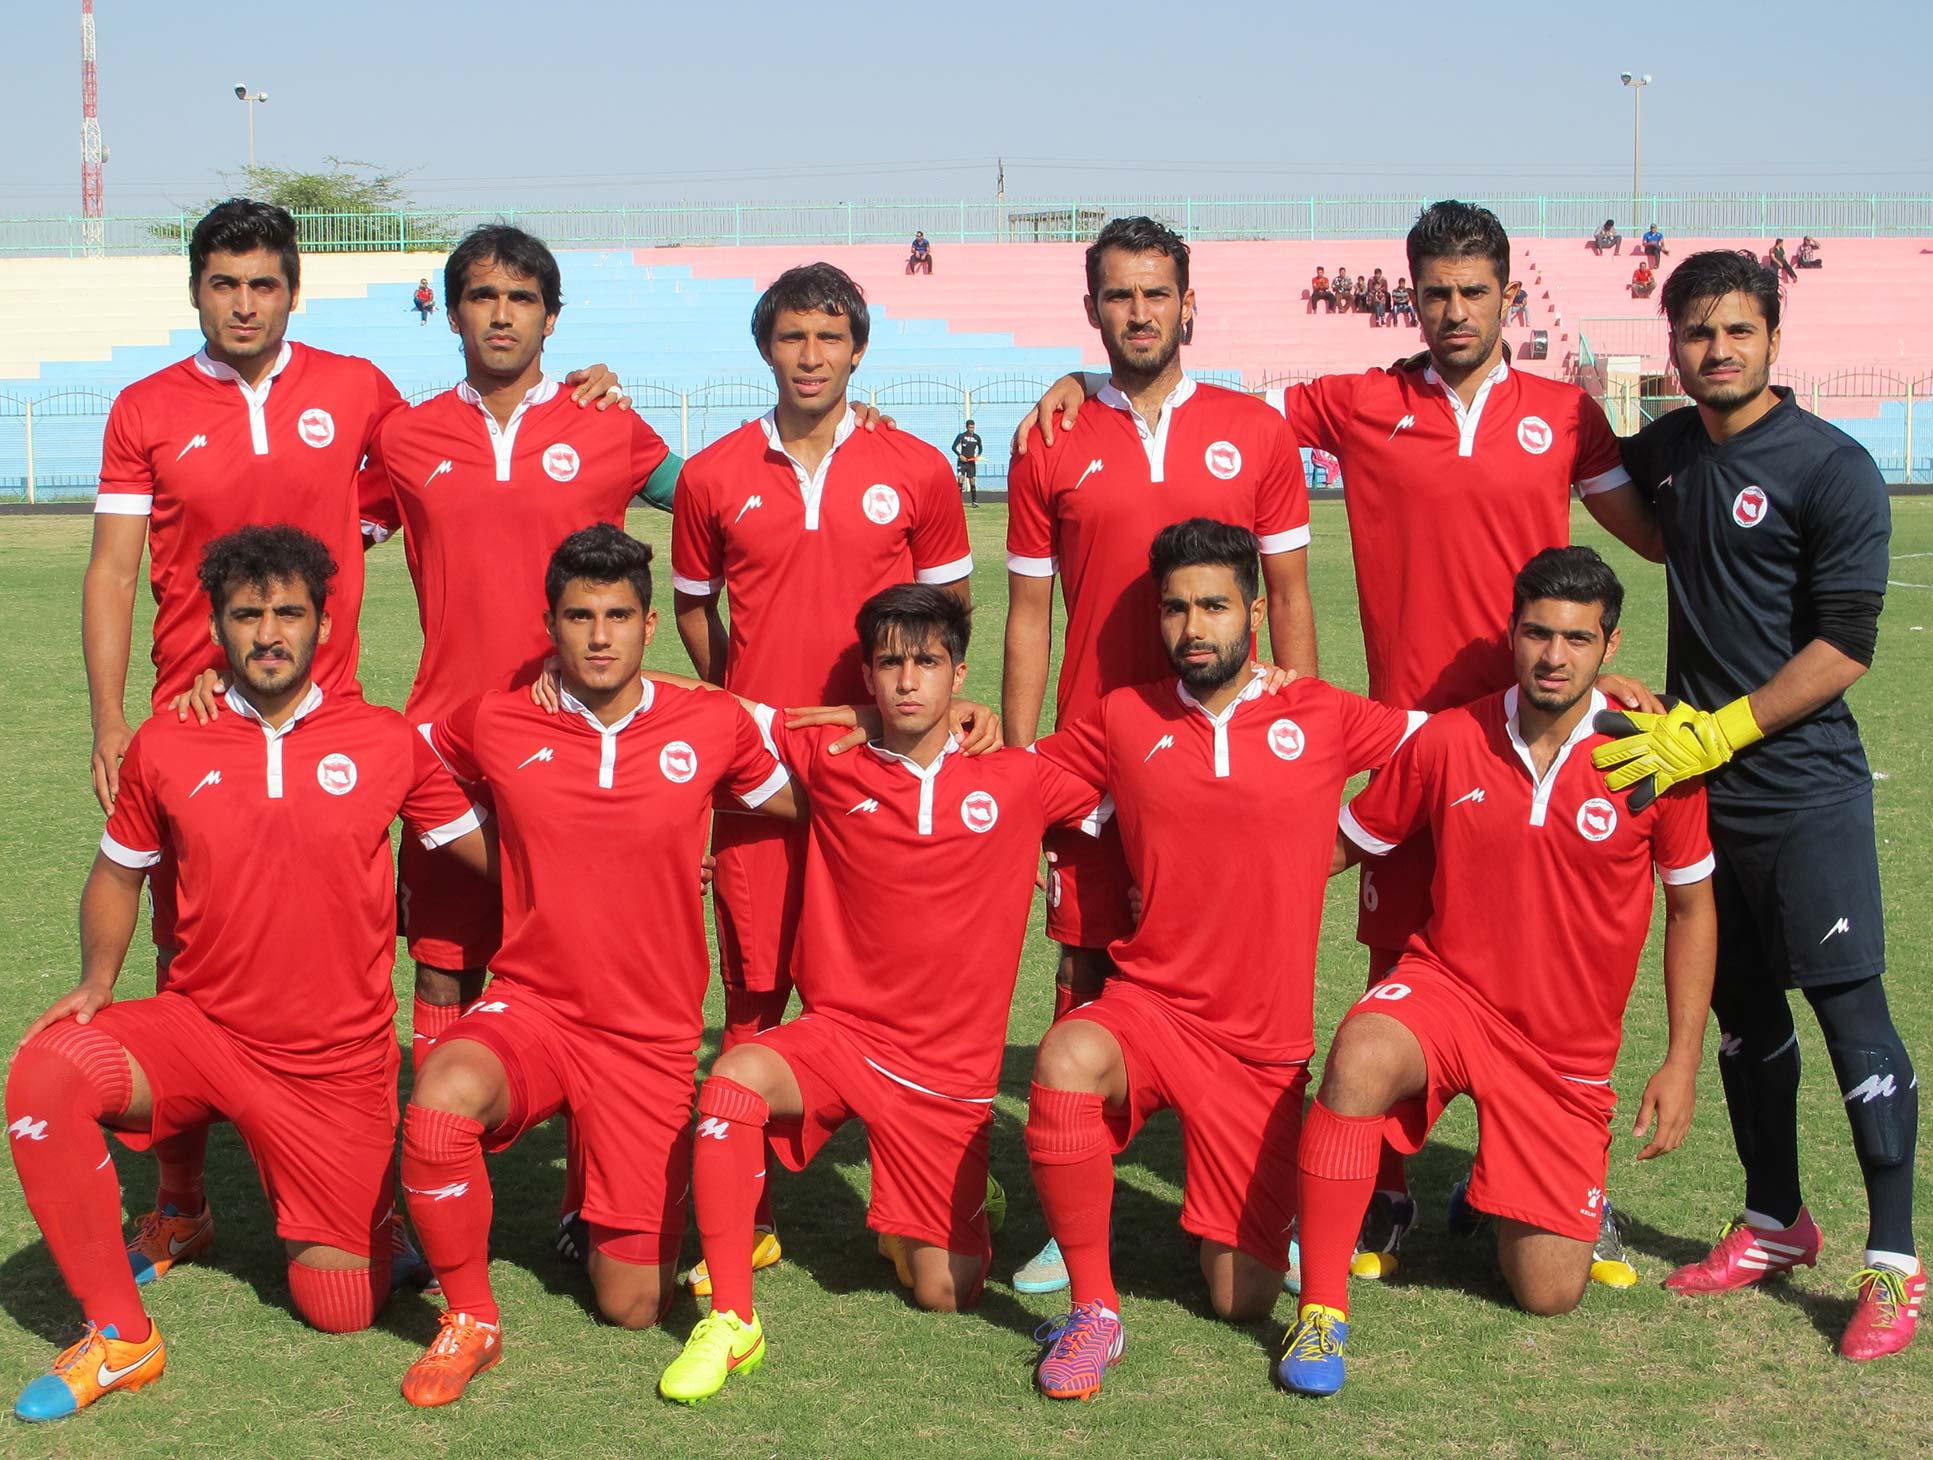 ۵ بازیکن ایرانجوان بوشهر اخراج شدند | طرفداری